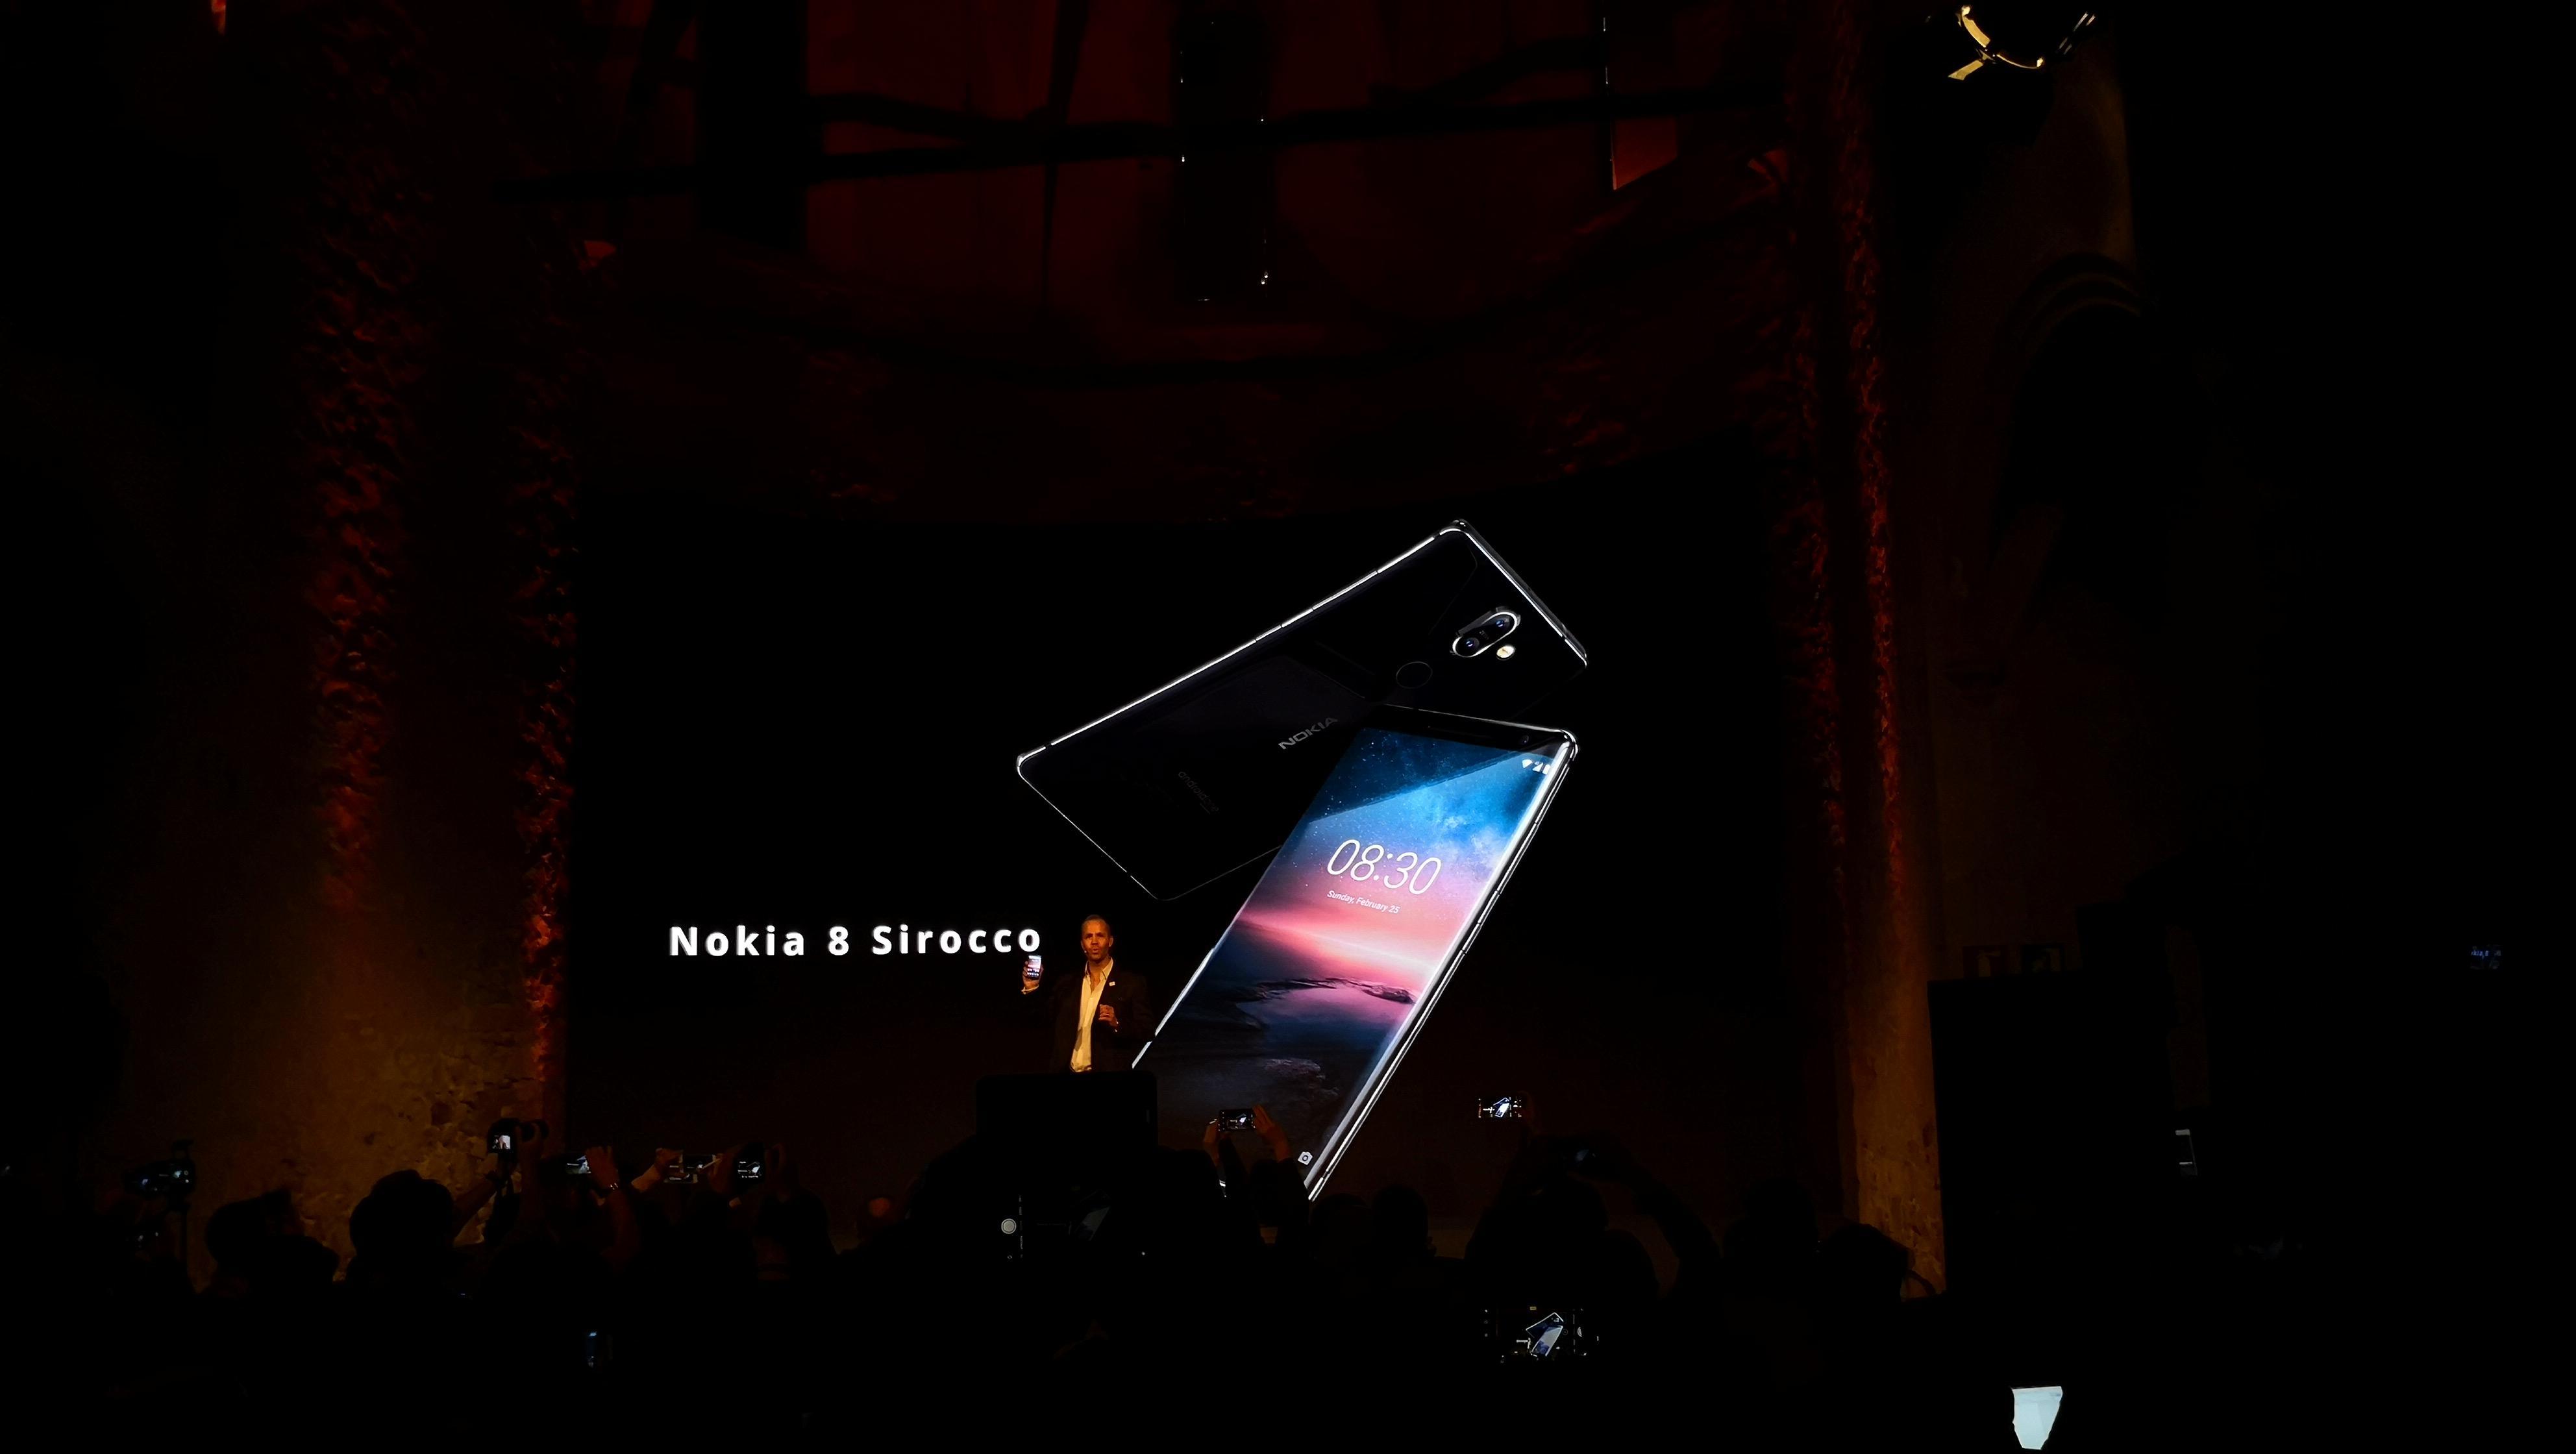 Nokia 8 MWC 2018